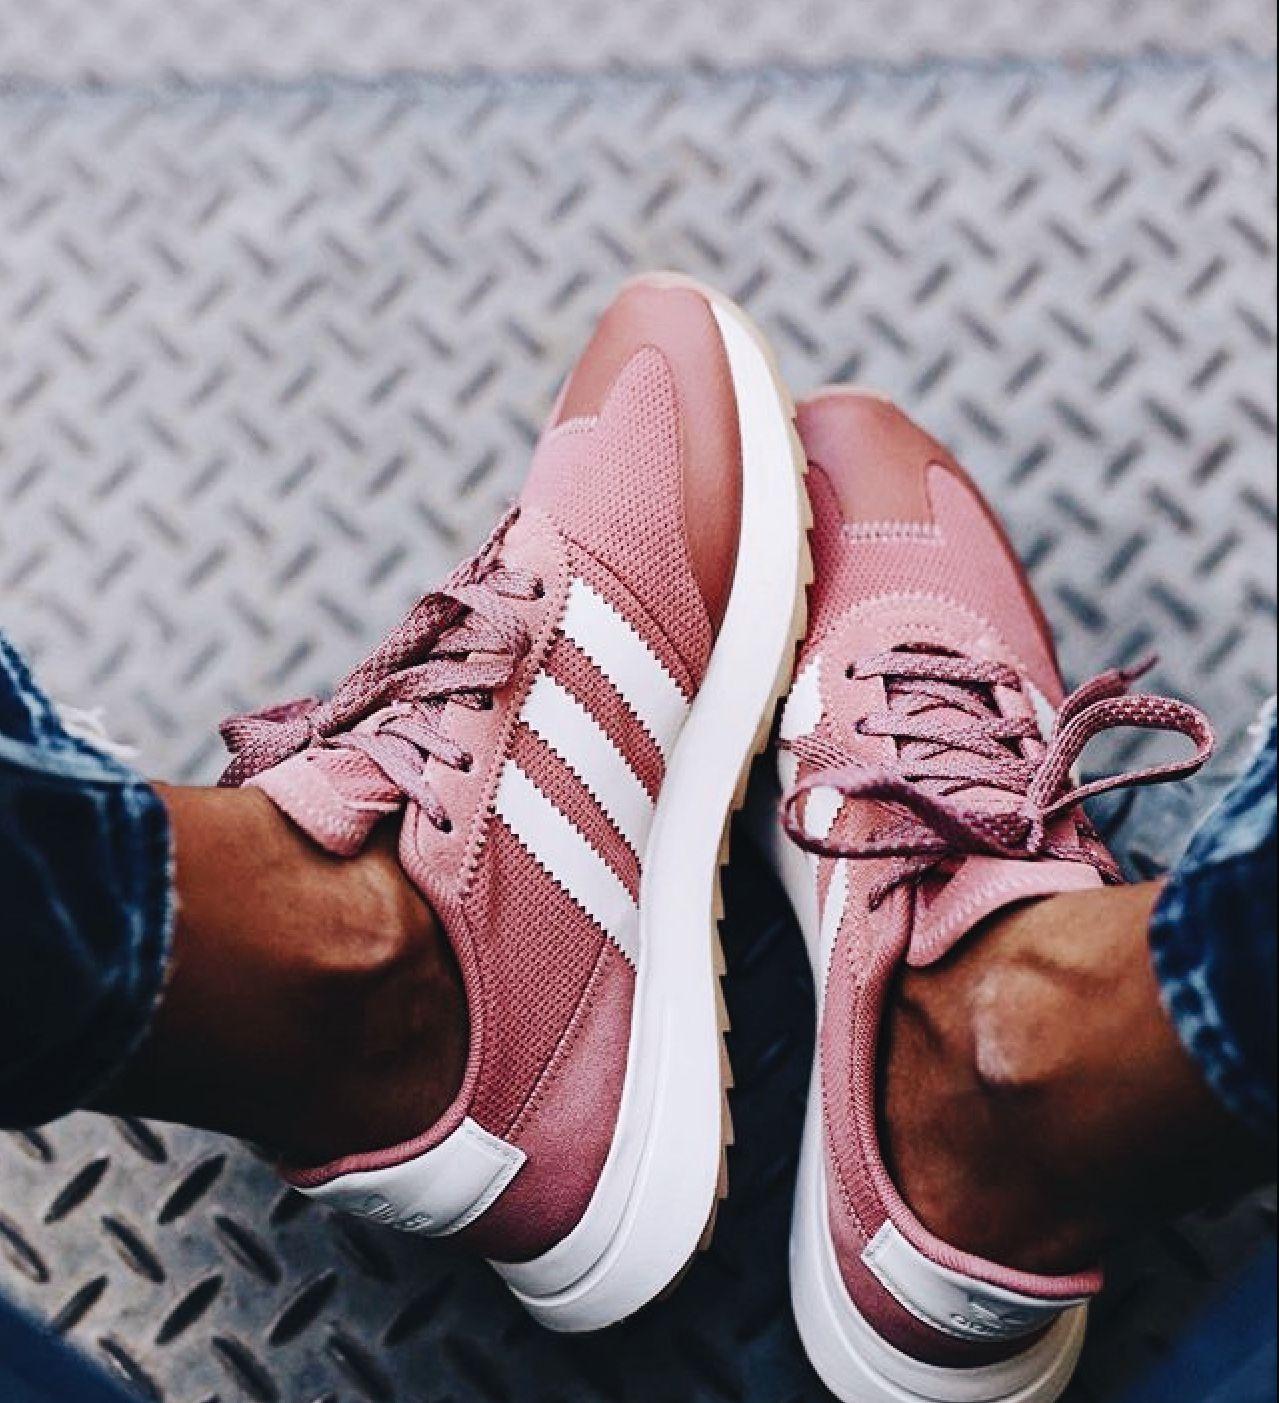 179de494ca8 Pink New Balance Tenis Adidas, Adidas Sneakers, Pink Adidas Shoes, Shoes  Sneakers,